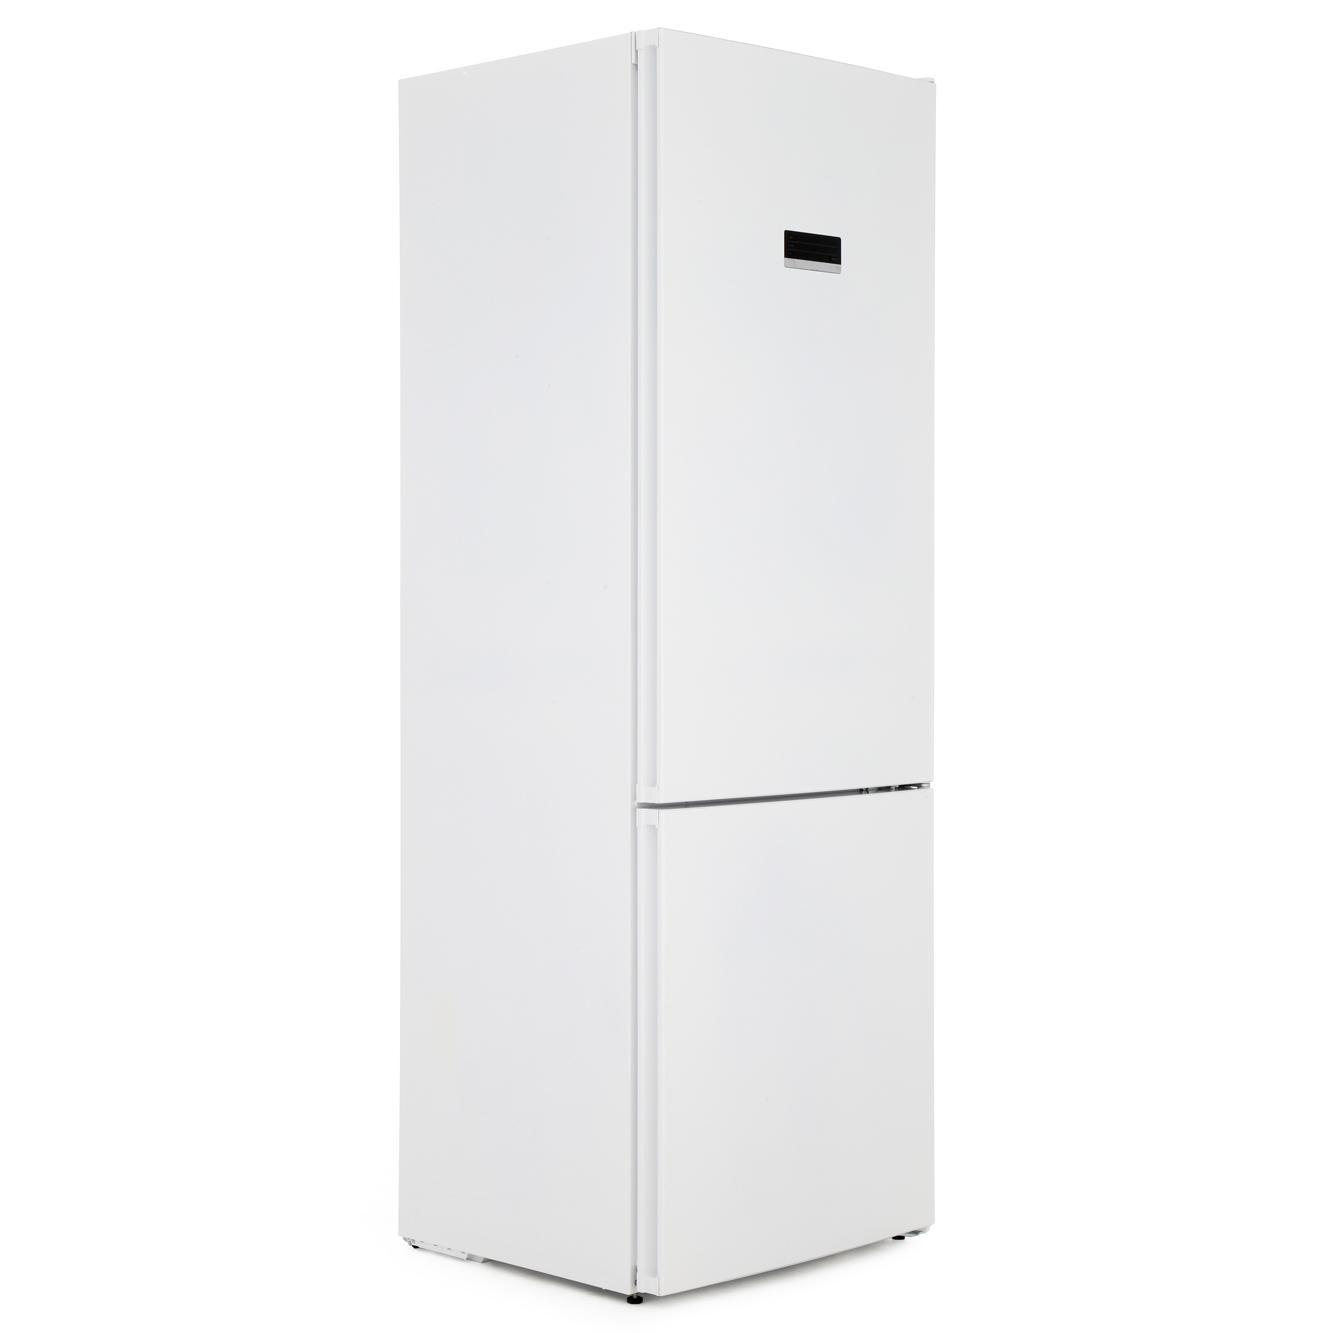 Bosch Serie 4 KGN49XW30 Frost Free Fridge Freezer